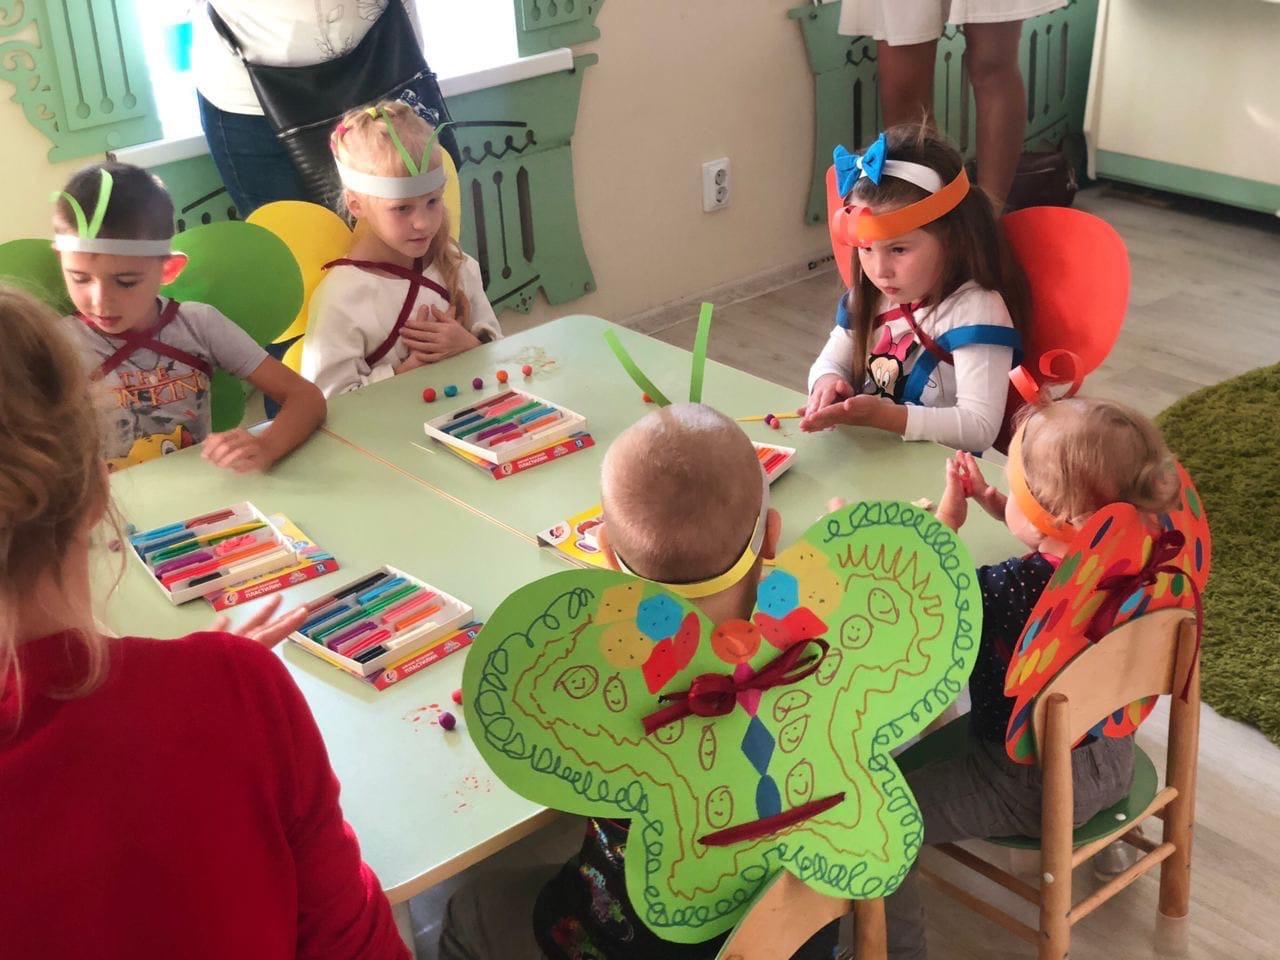 Приглашаем родителей и детей 4-6 лет! 15 сентября в 17.00 в Живом Доме состоится презентация нашего нового направления «Подготовка к школе».